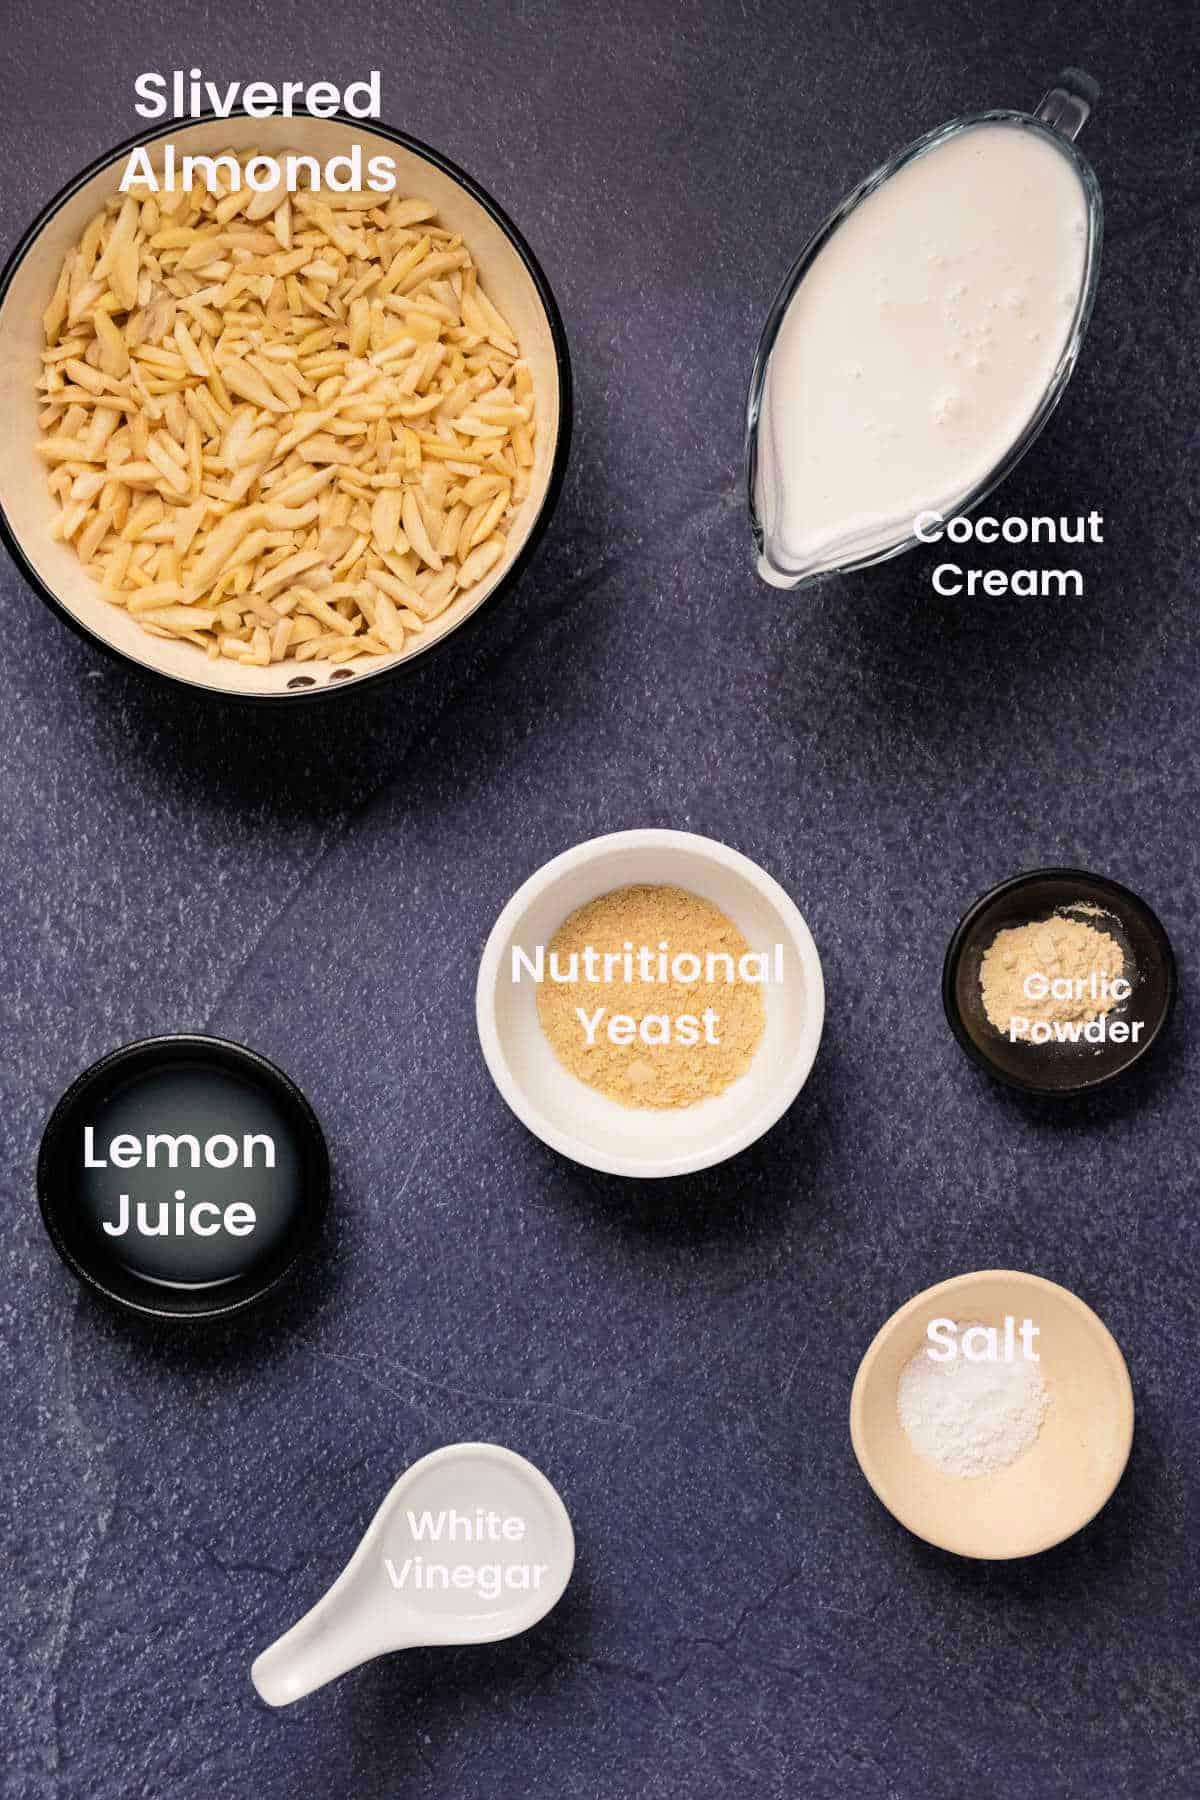 Ingredients for making vegan ricotta